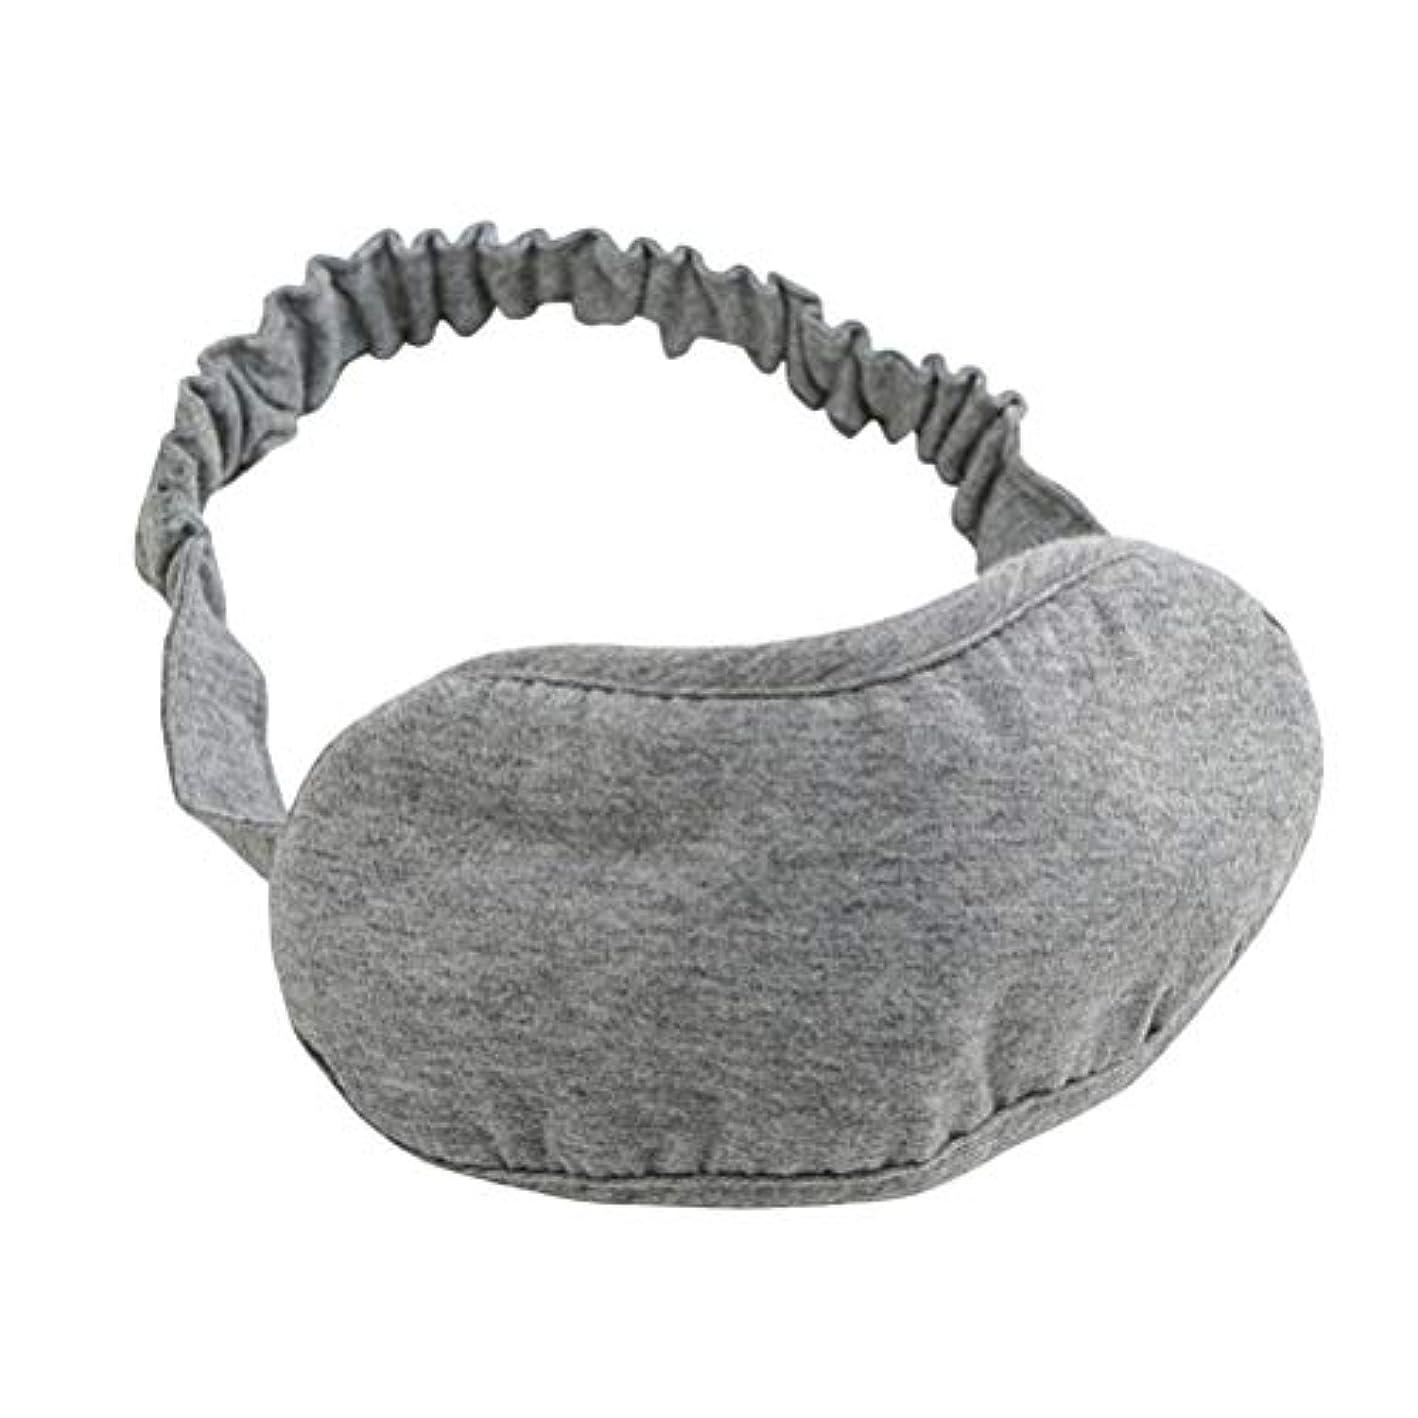 ボード守る耐久SUPVOX 睡眠マスクコットンアイマスク厚手の目隠しアイカバー女性のための子供たちの子供ホームベッド旅行のフライトカーキャンプオフィス使用(グレー)